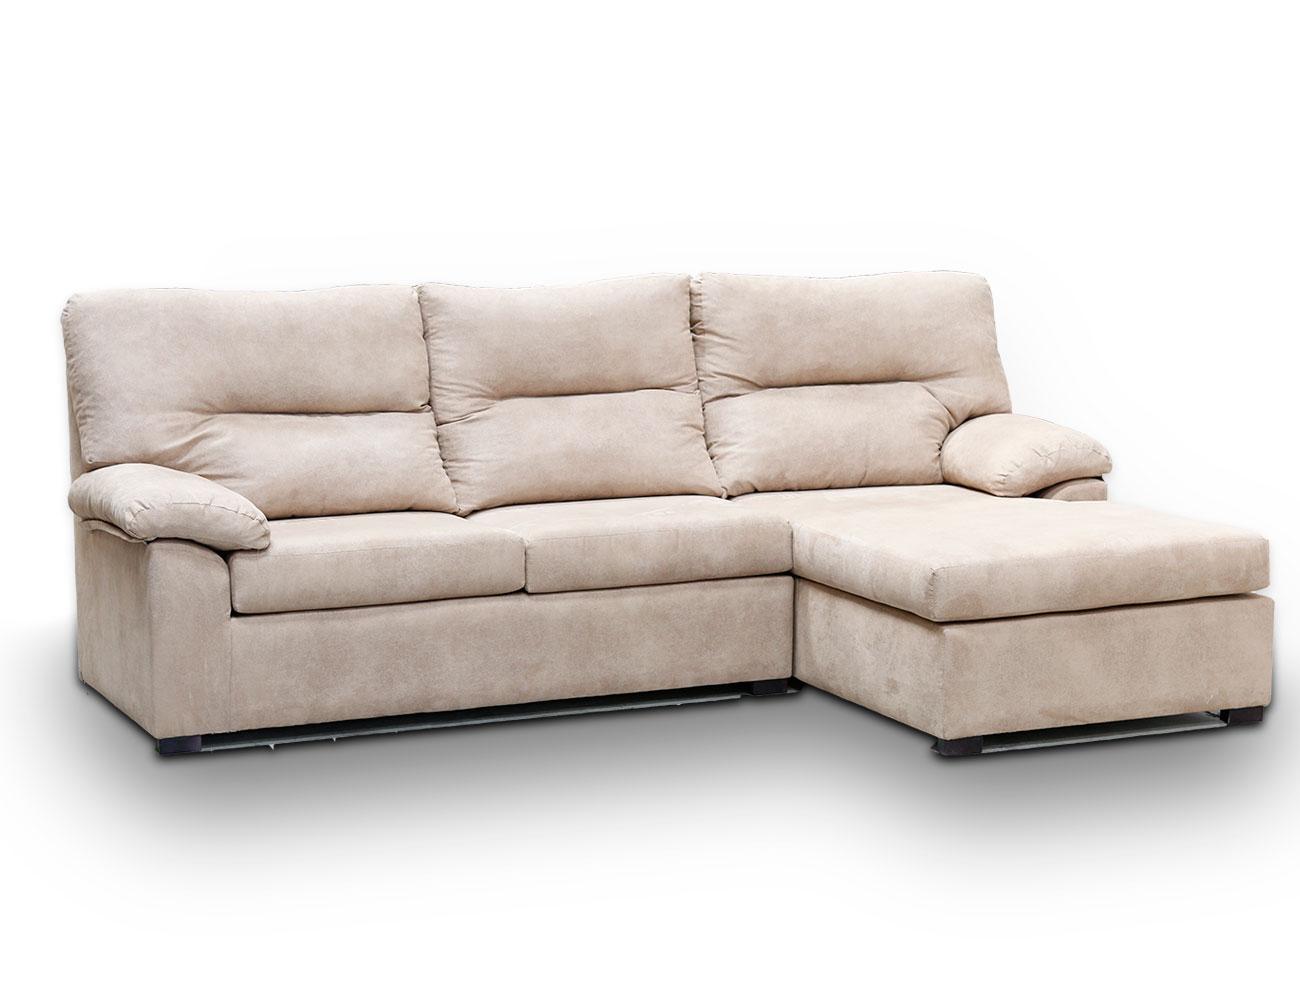 Sofa chaiselongue reversible barato6